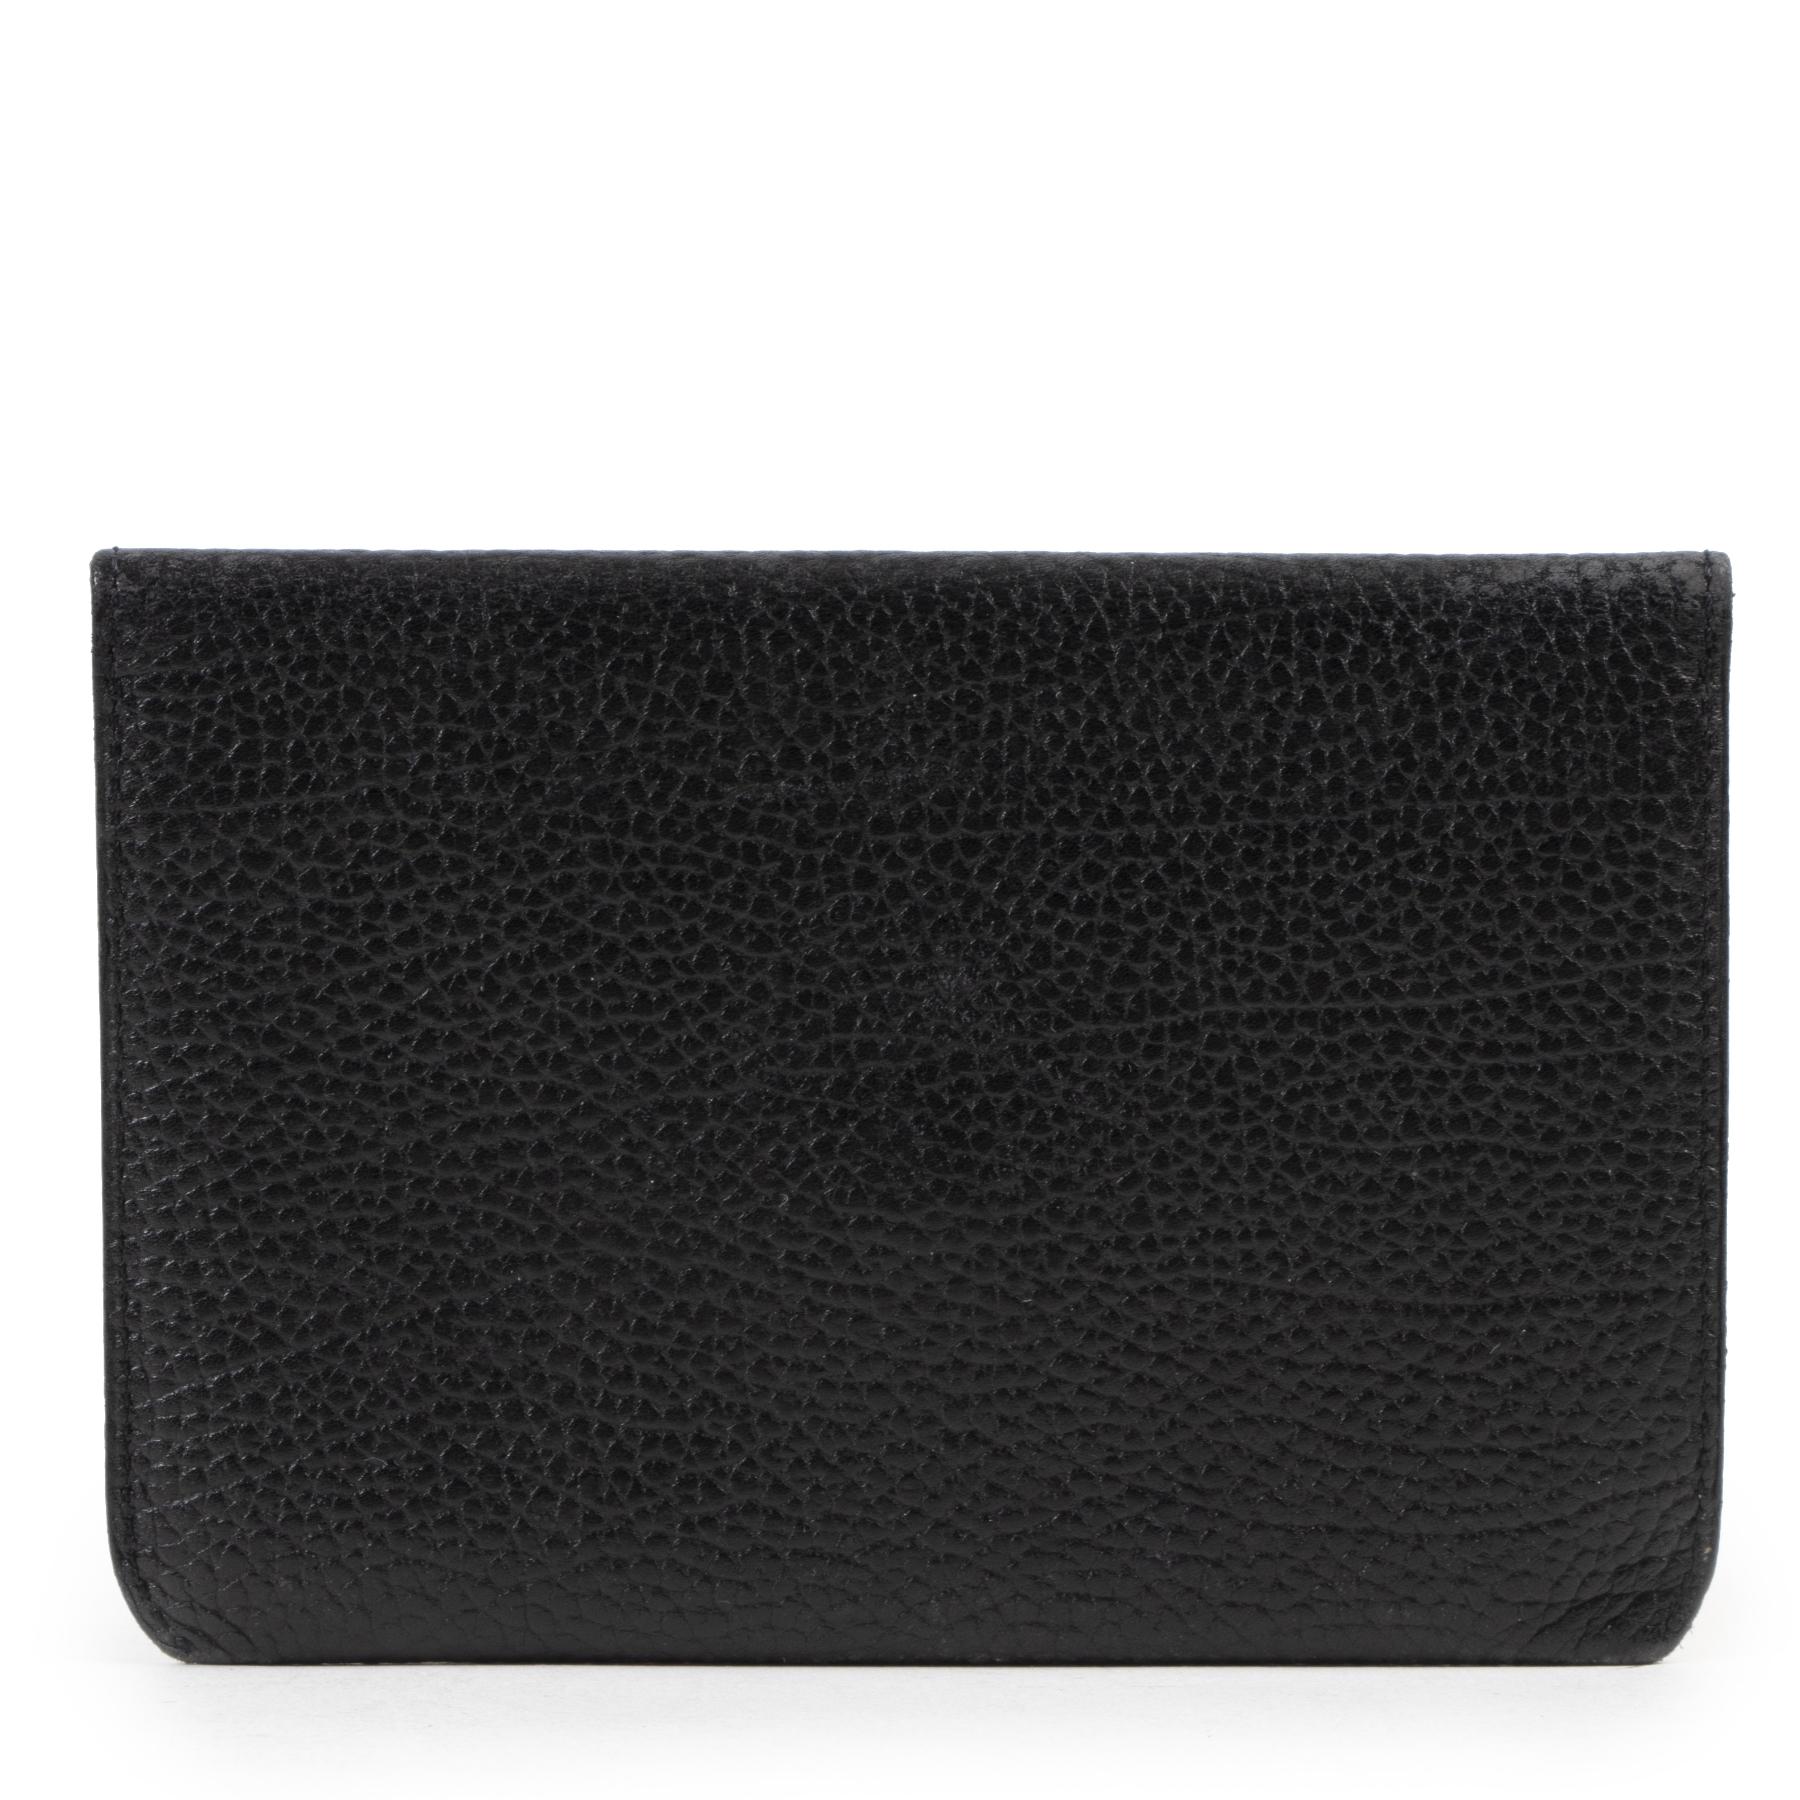 Authentieke Tweedehands Delvaux Black Small Leather Wallet juiste prijs veilig online shoppen luxe merken webshop winkelen Antwerpen België mode fashion